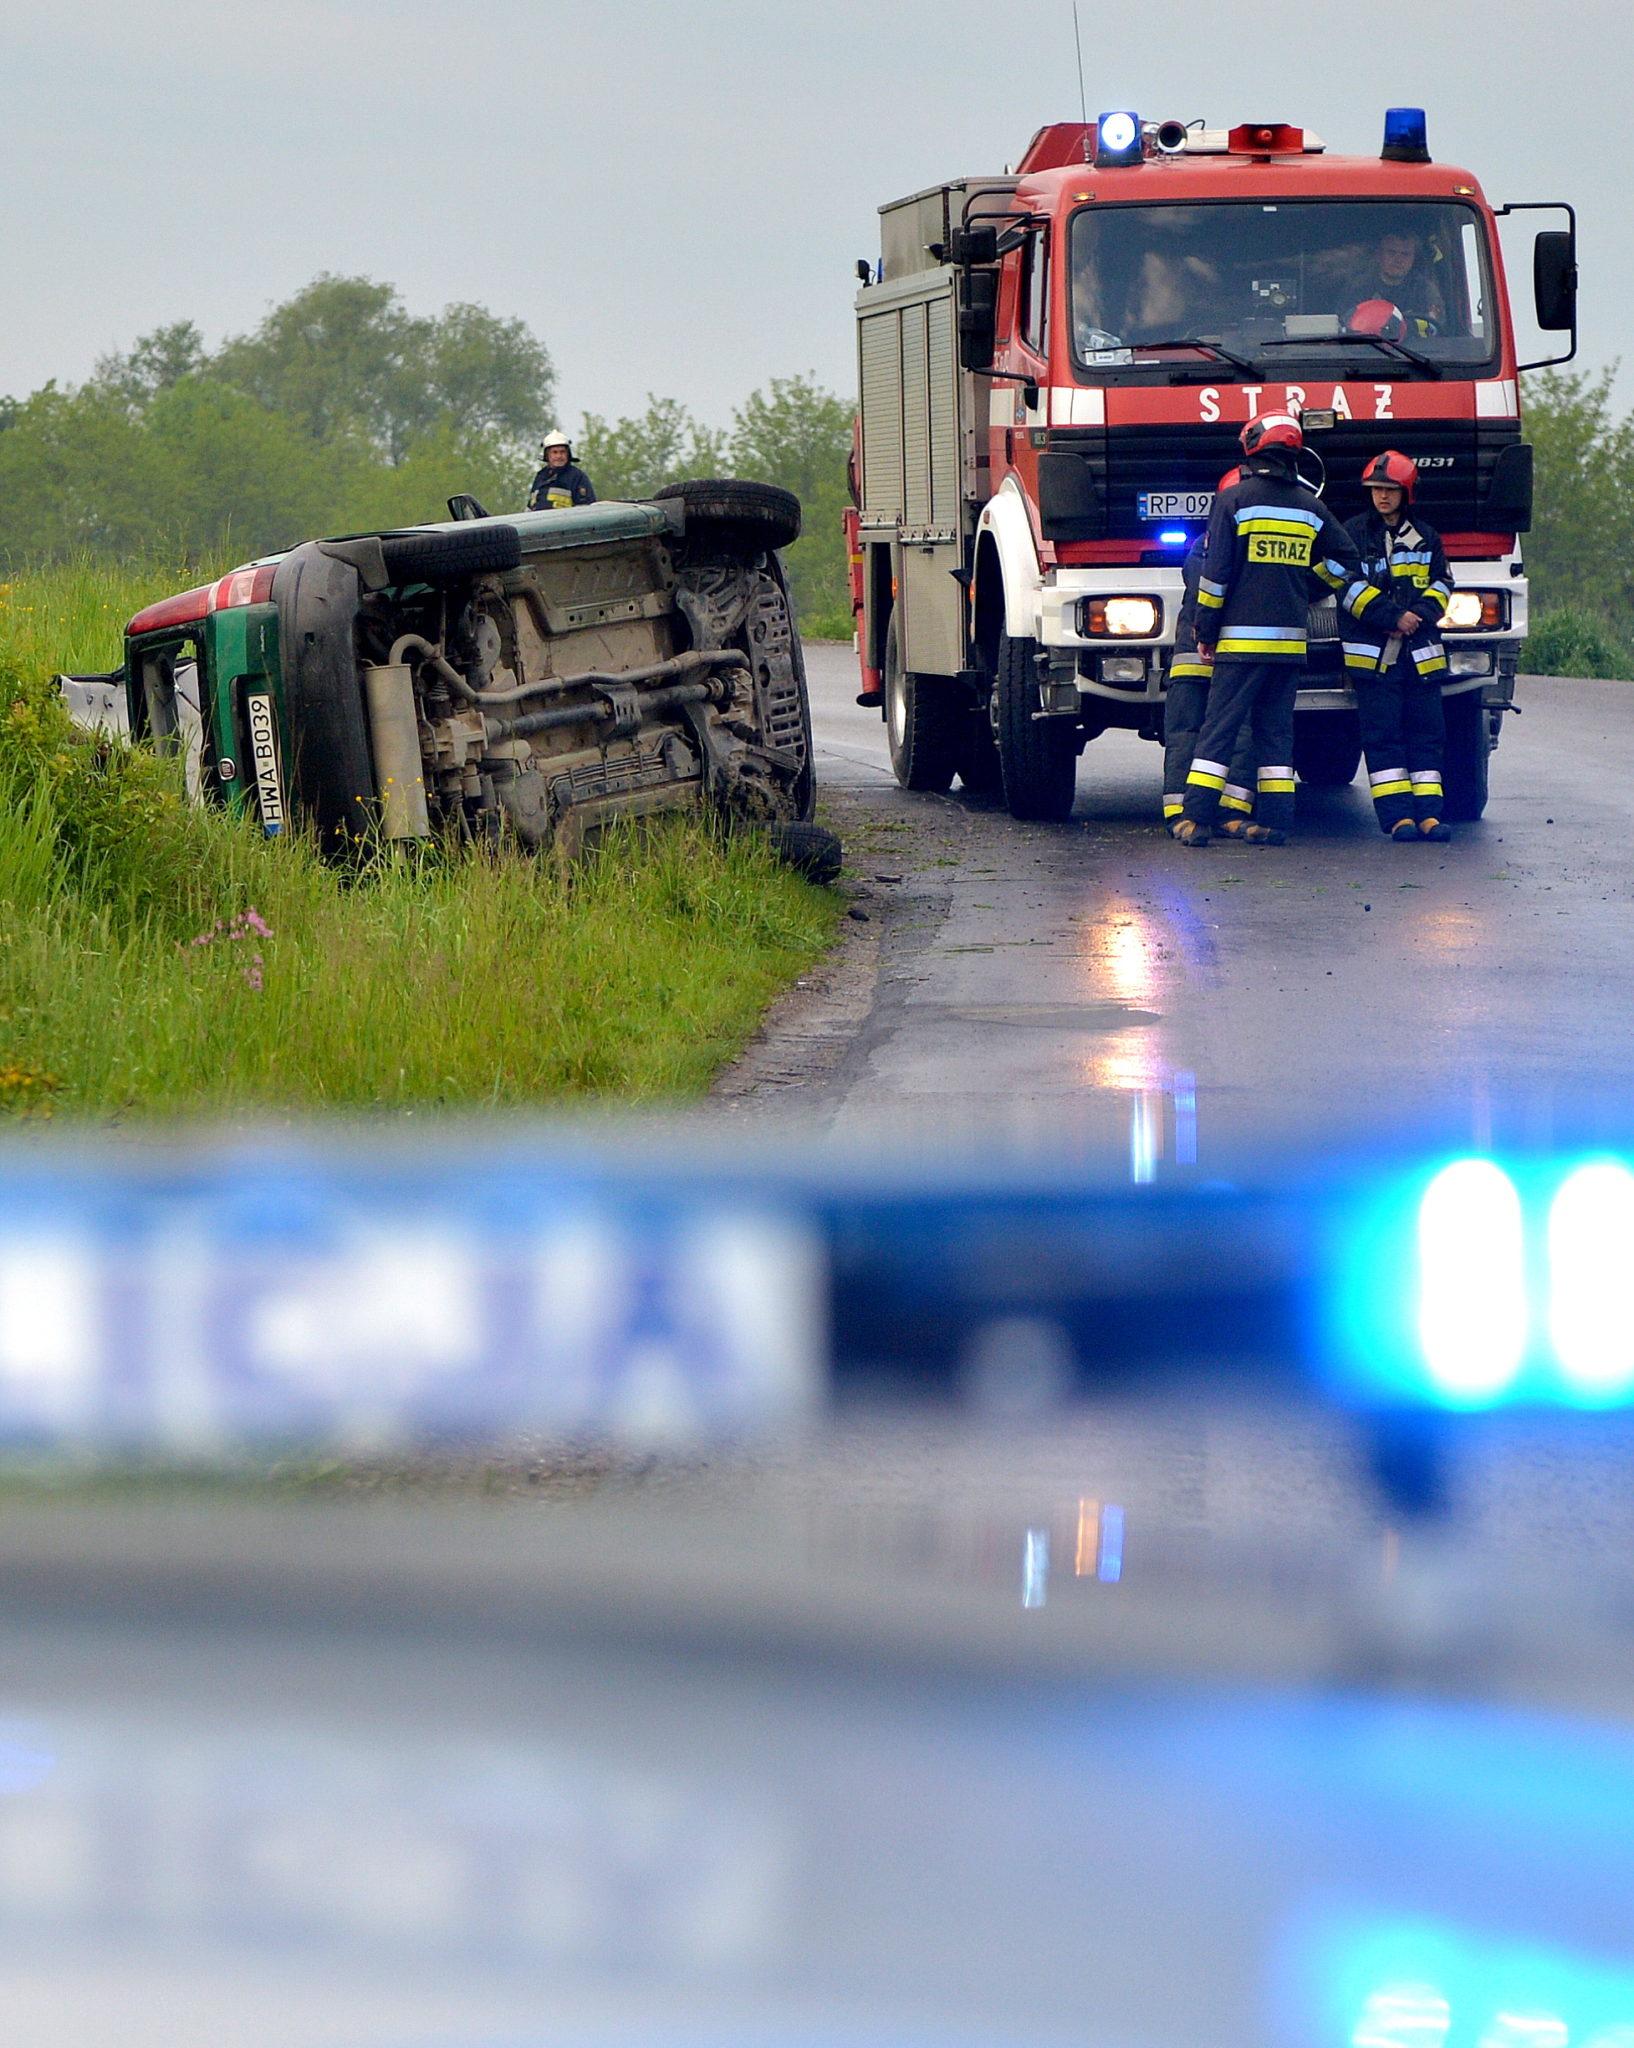 Polska: wypadek radiowozu Straży Granicznej w Kniażycach (foto. PAP/Darek Delmanowicz)